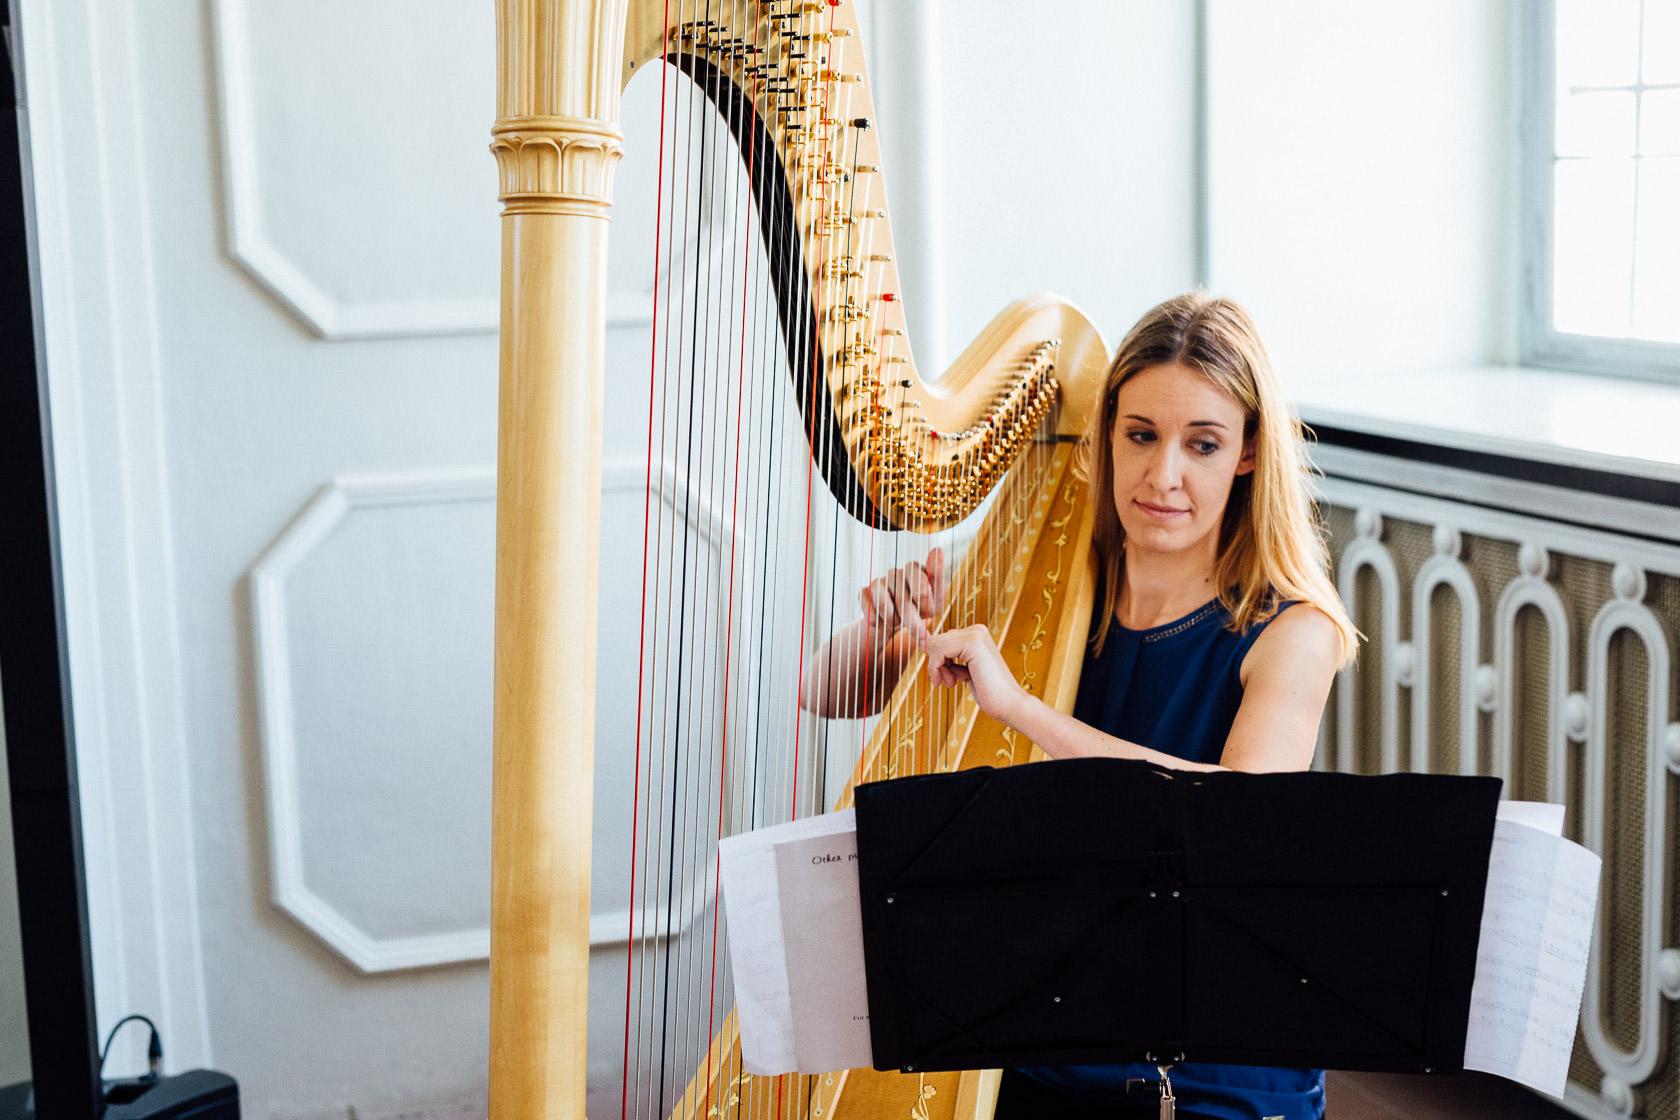 Freie Trauung Jenny und Mathias im Schloss Schwetzingen Harfenspiel bei Trauung Harfinistin Johanna Keune